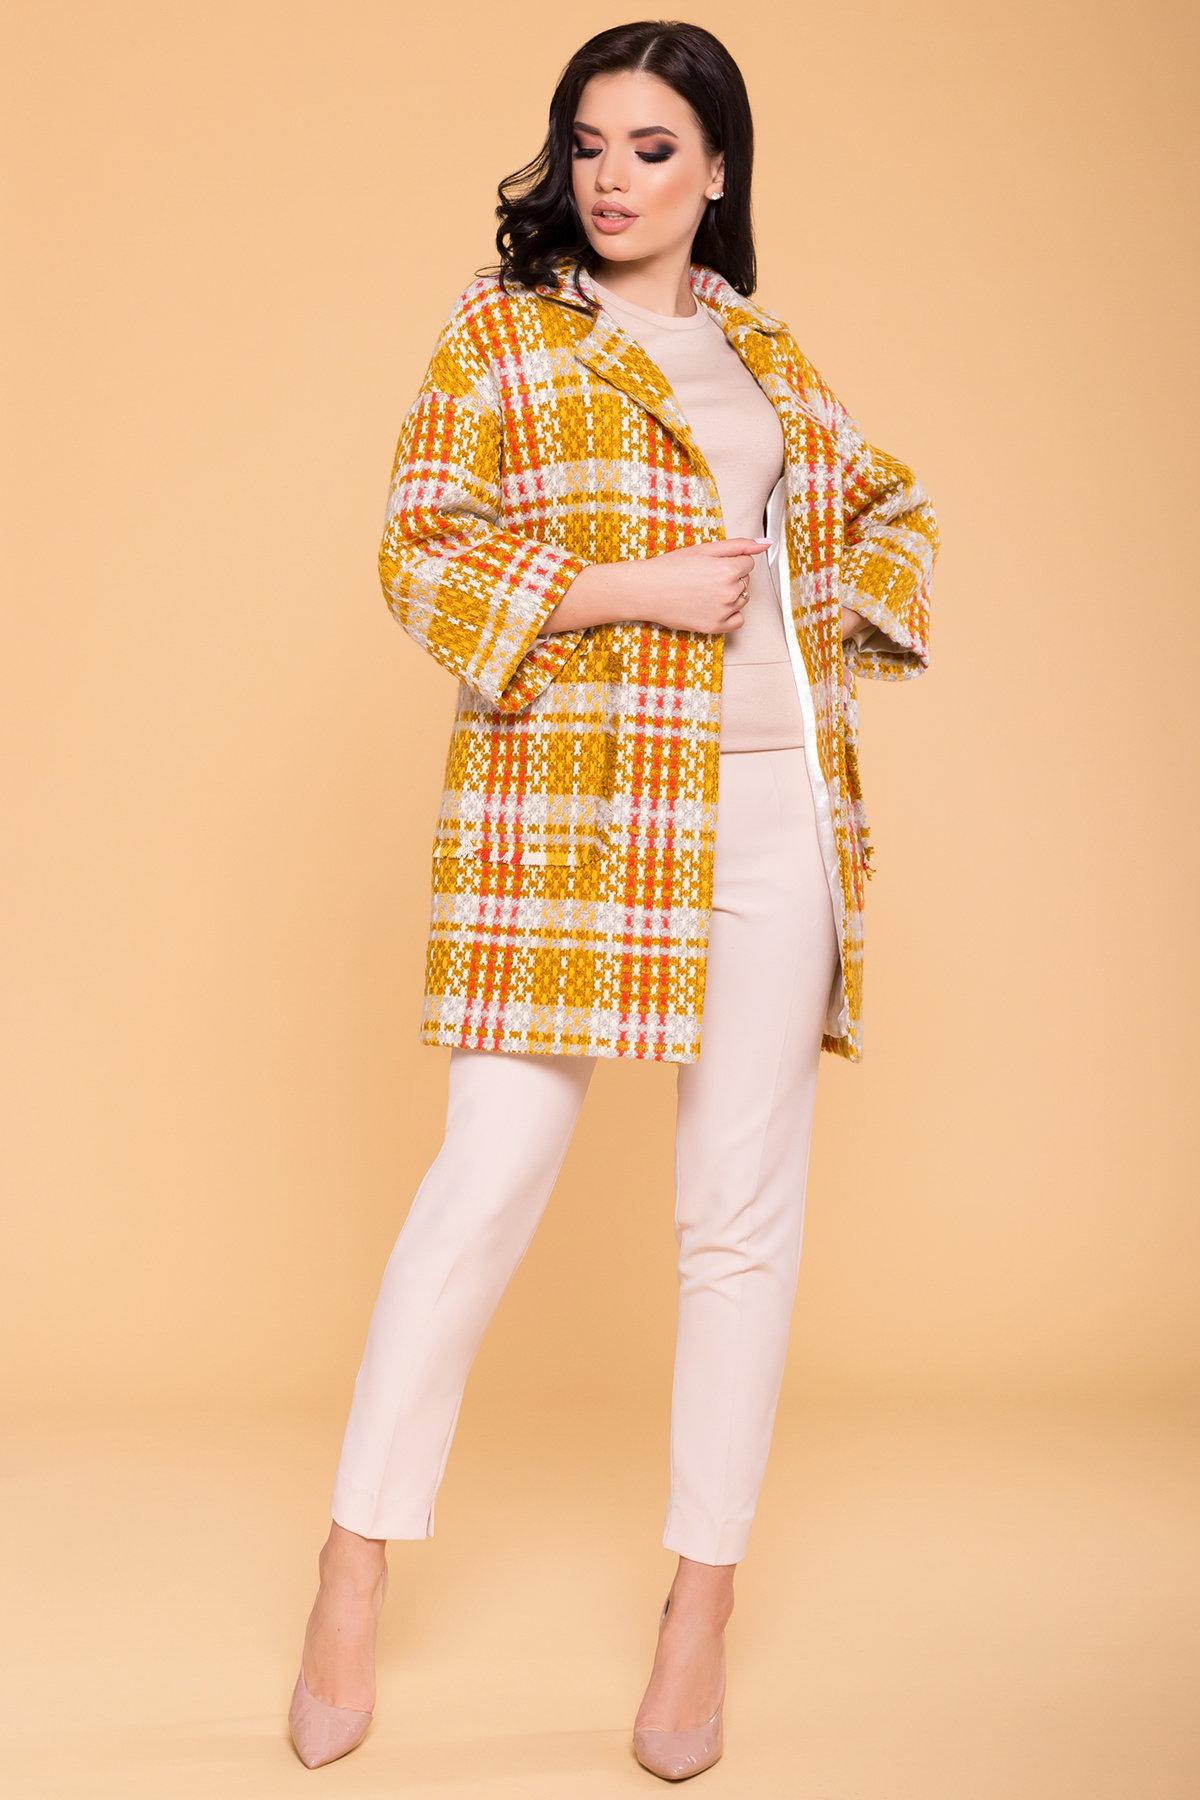 Пальто Бина 1964 АРТ. 38304 Цвет: Горчица/серый/молоко/терракот - фото 4, интернет магазин tm-modus.ru